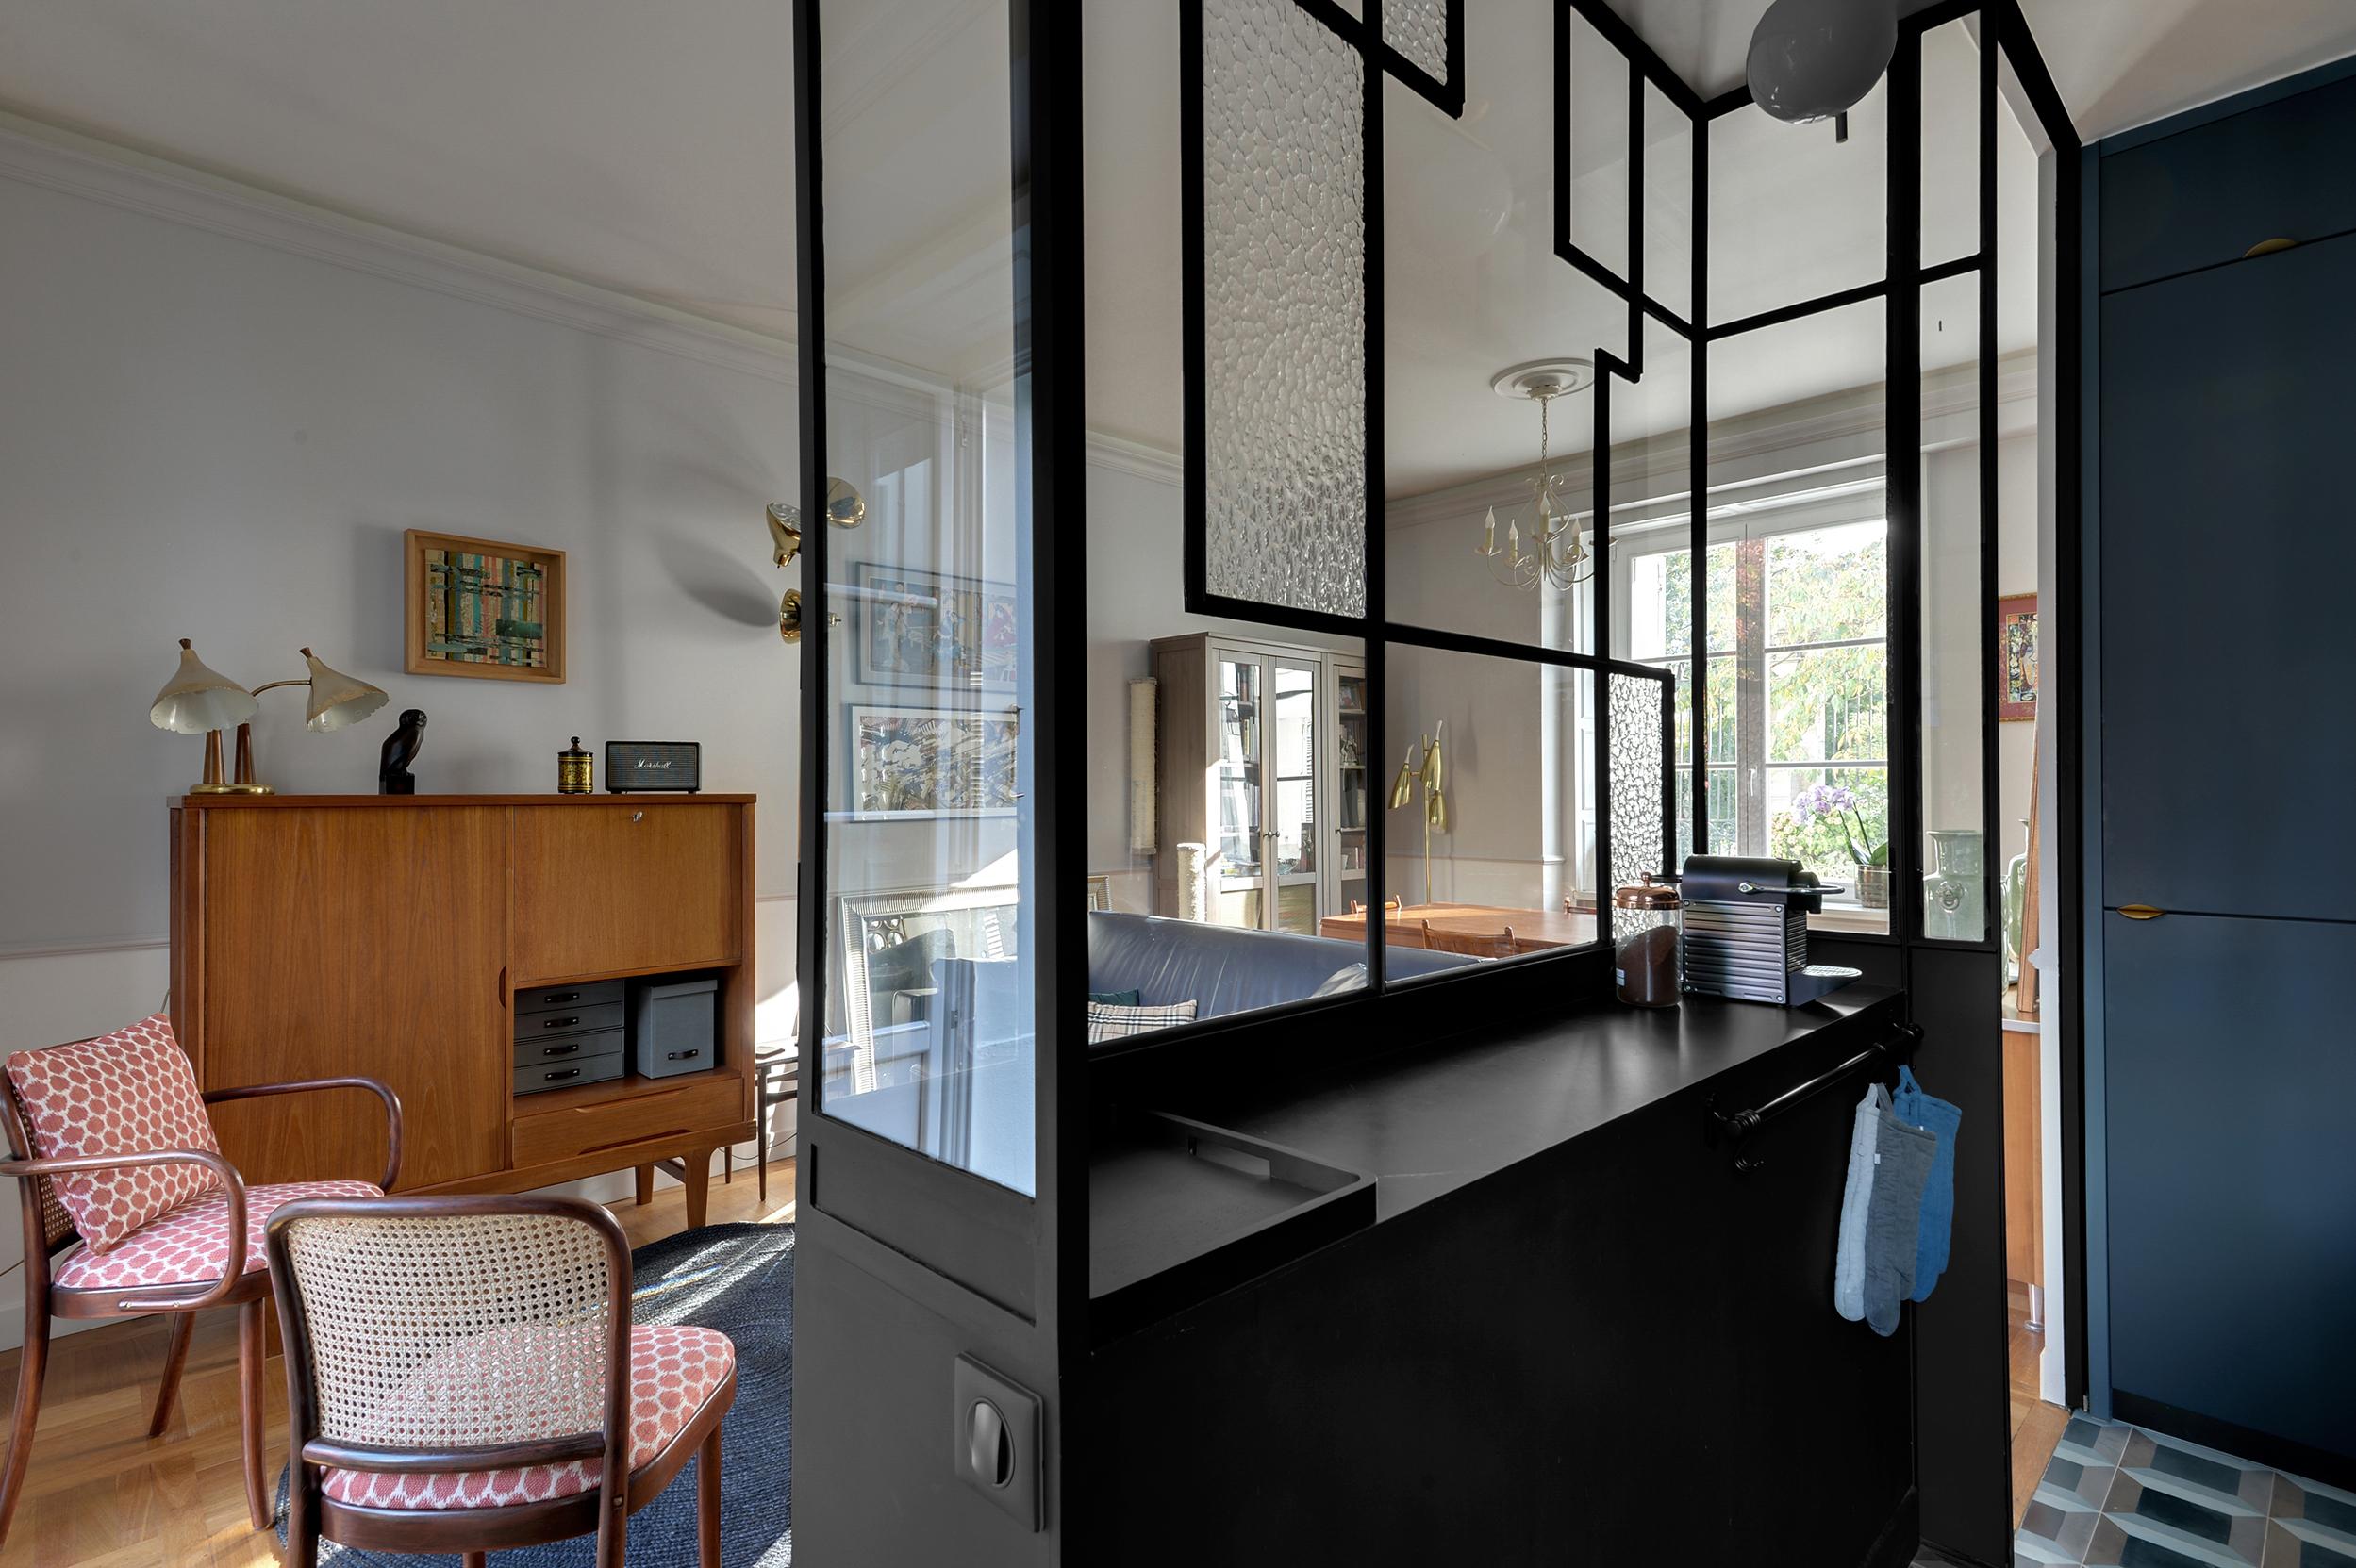 Rénovation Art Déco - Verrière art déco - cuisine bleu et noir - Architecte intérieur Paris - Studio Mariekke